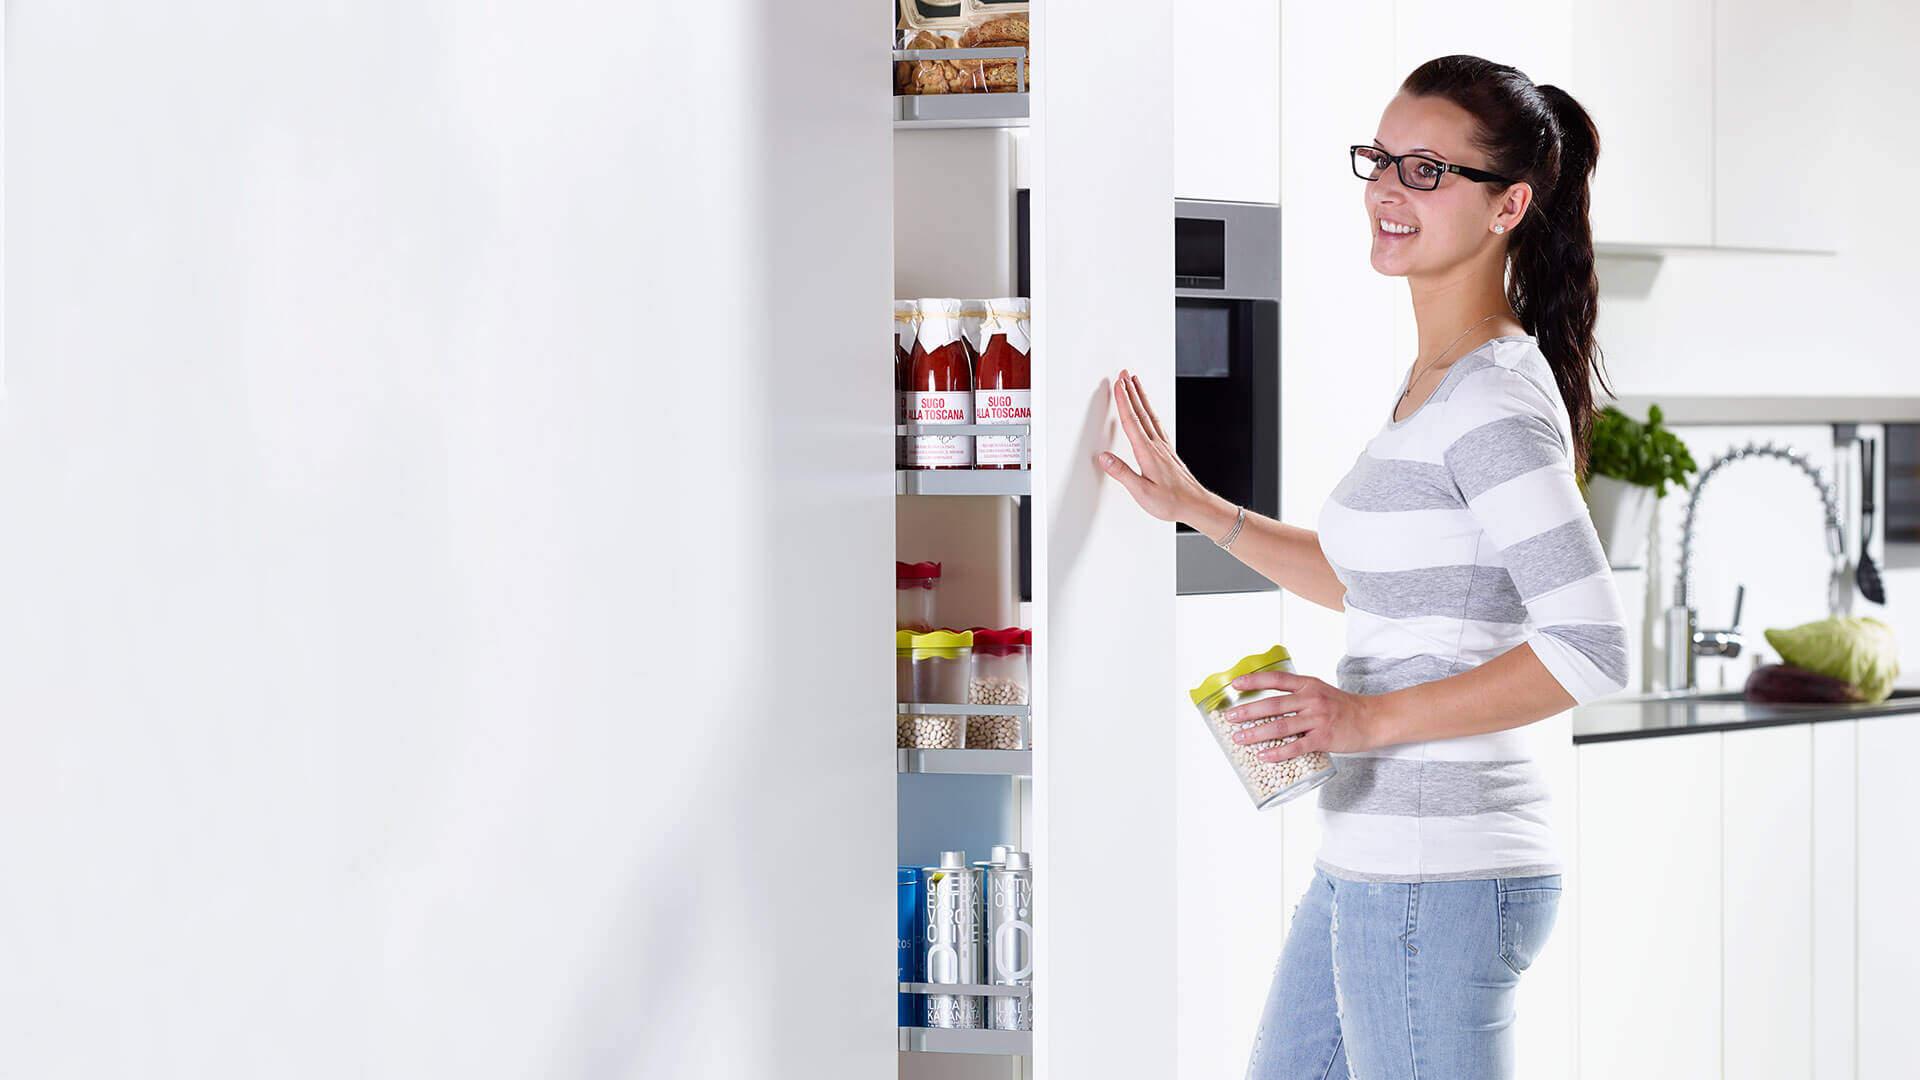 Frau am Küchenschrank